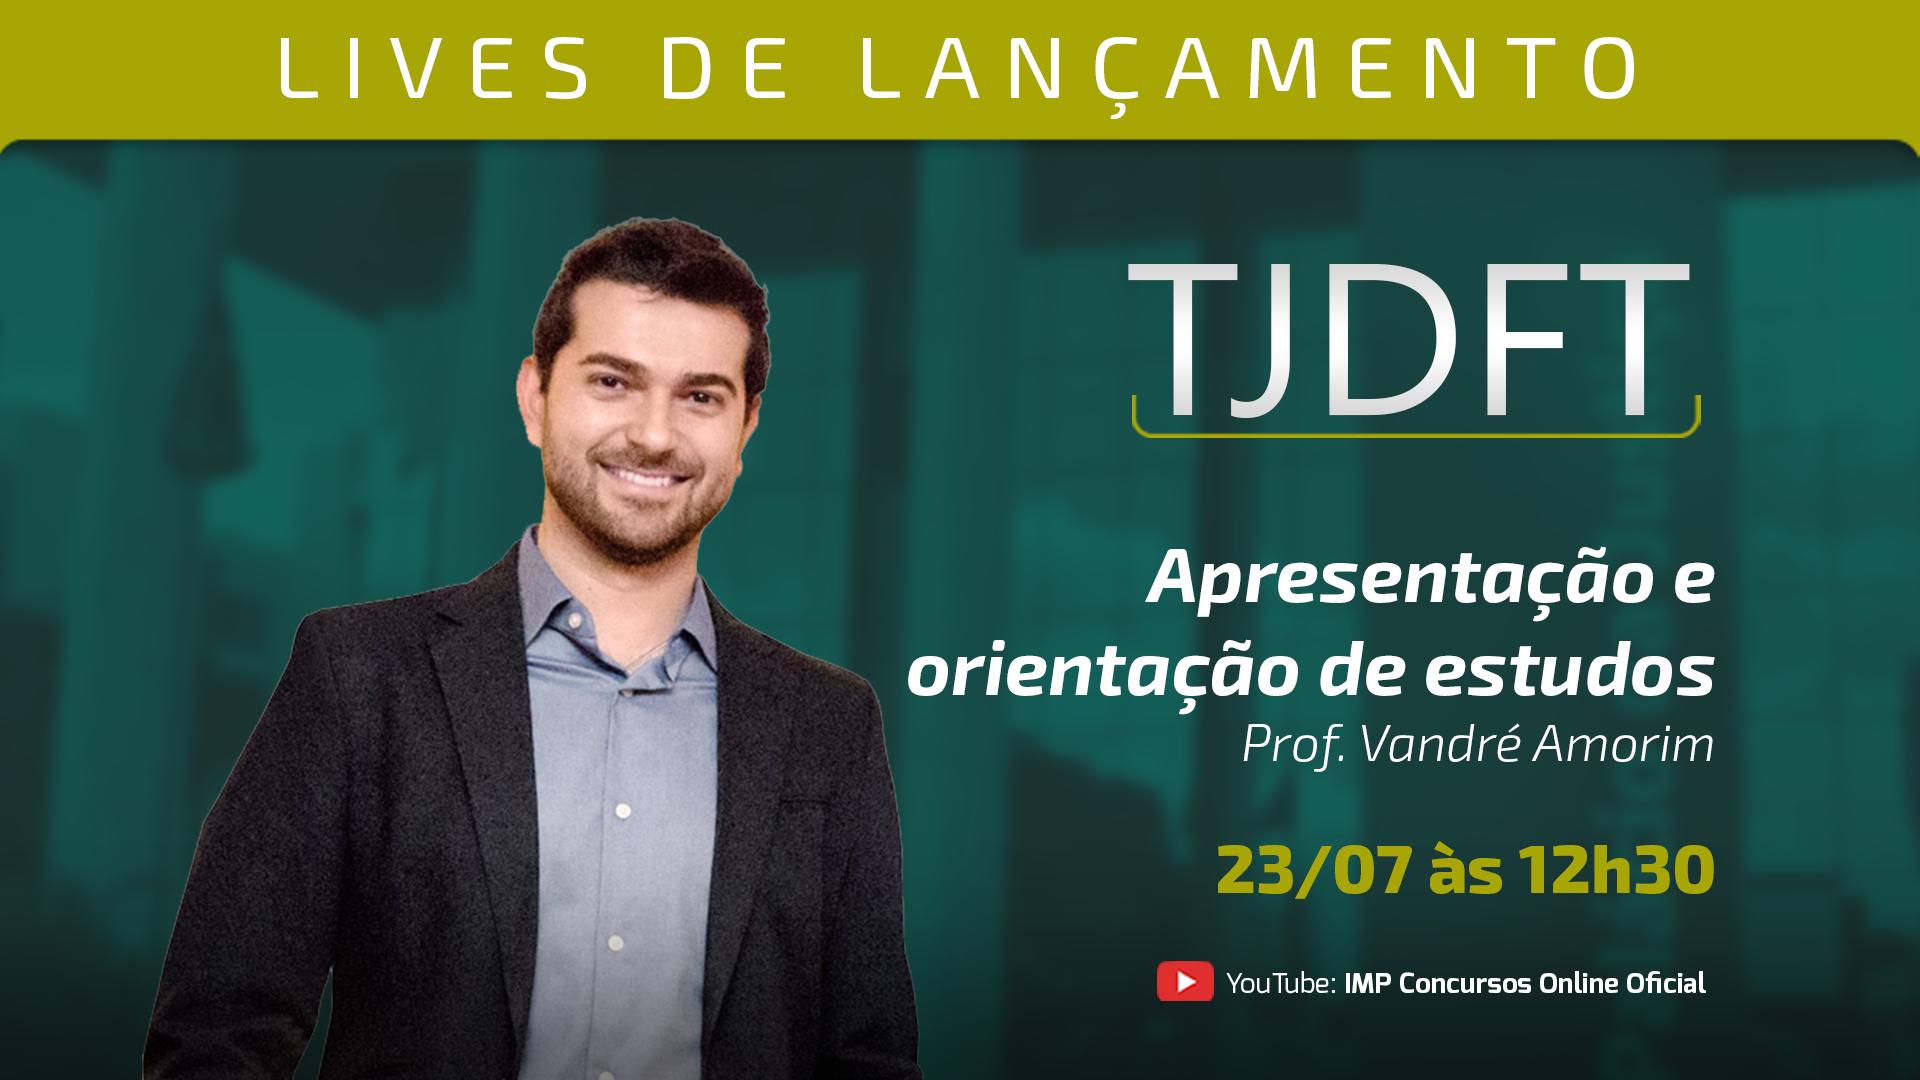 LIVE TJDFT - Apresentação e orientação de estudos para a TJDFT